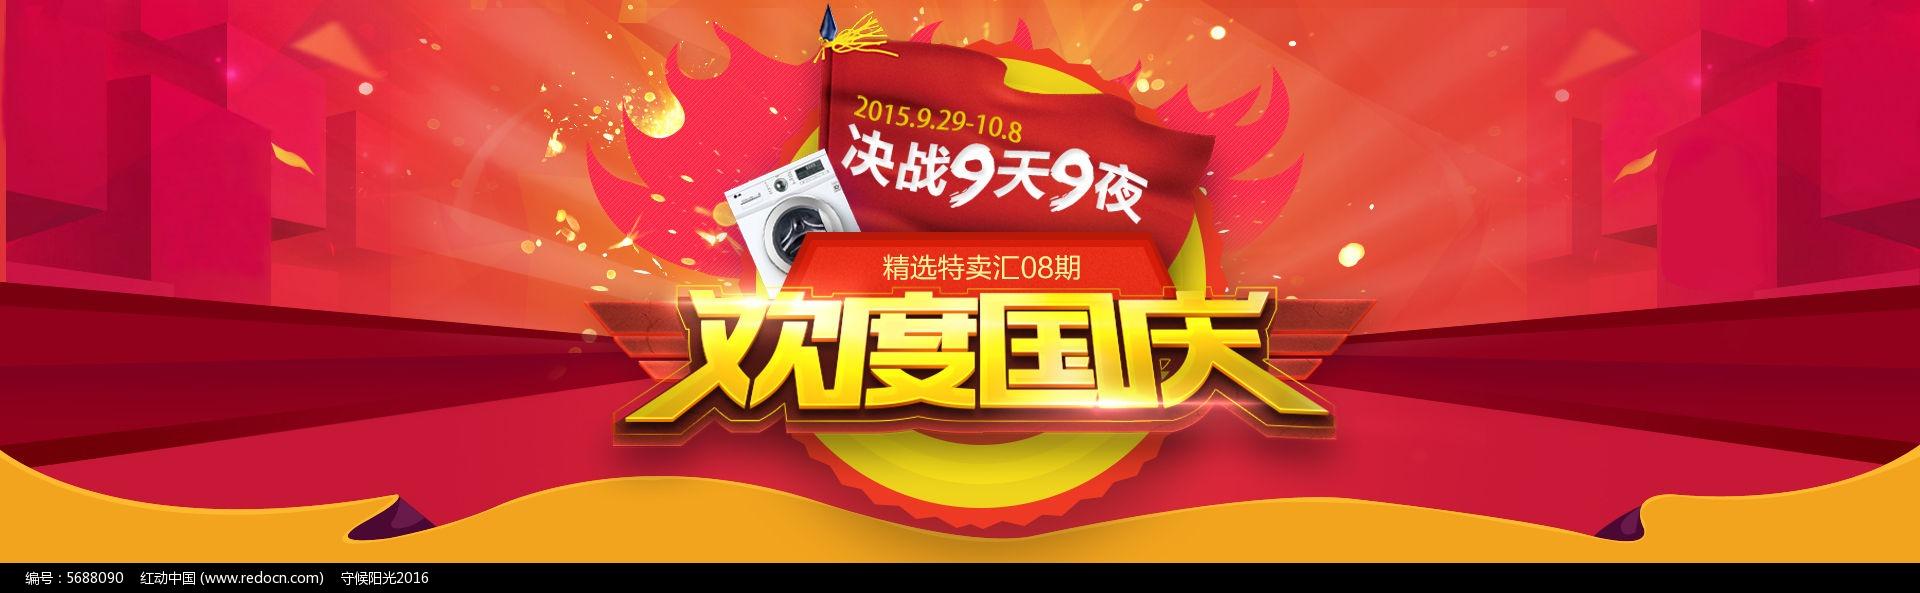 淘宝国庆促销海报设计模板